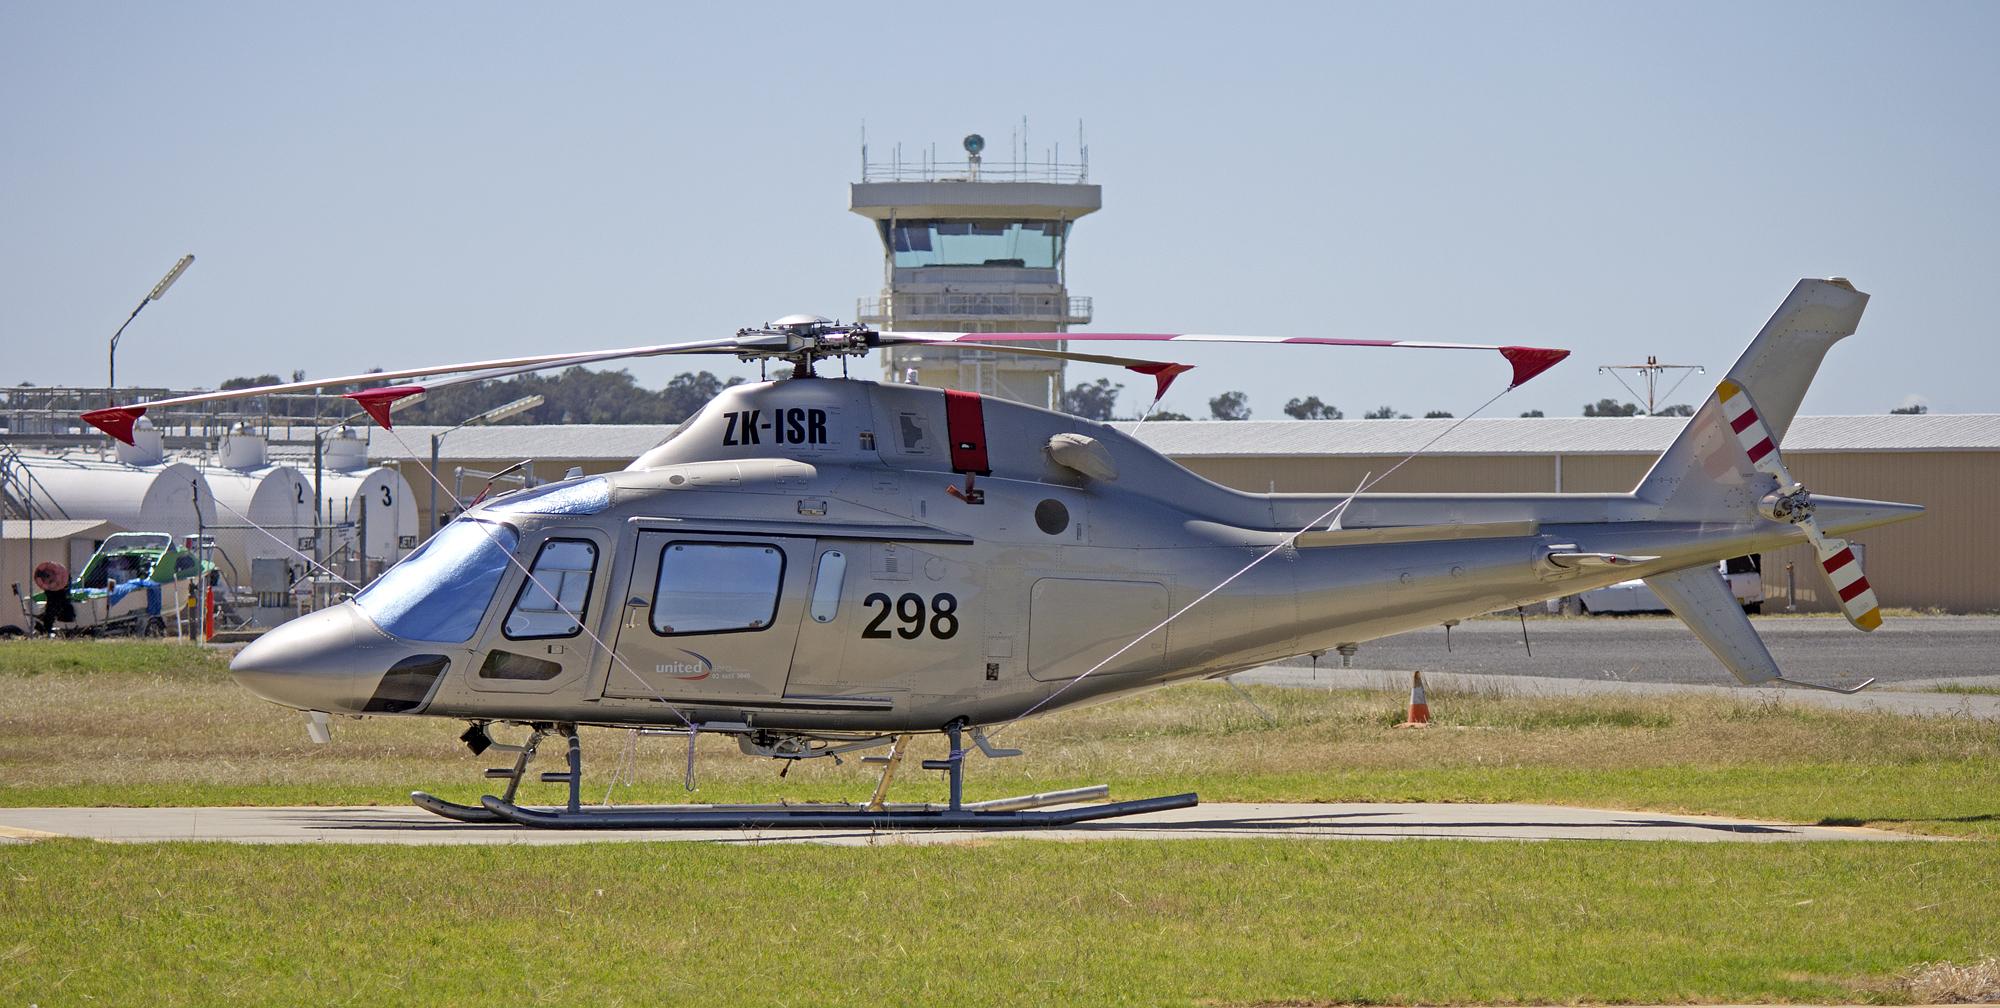 File:AgustaWestland AW119 Koala Ke (ZK-ISR) at the Wagga ...